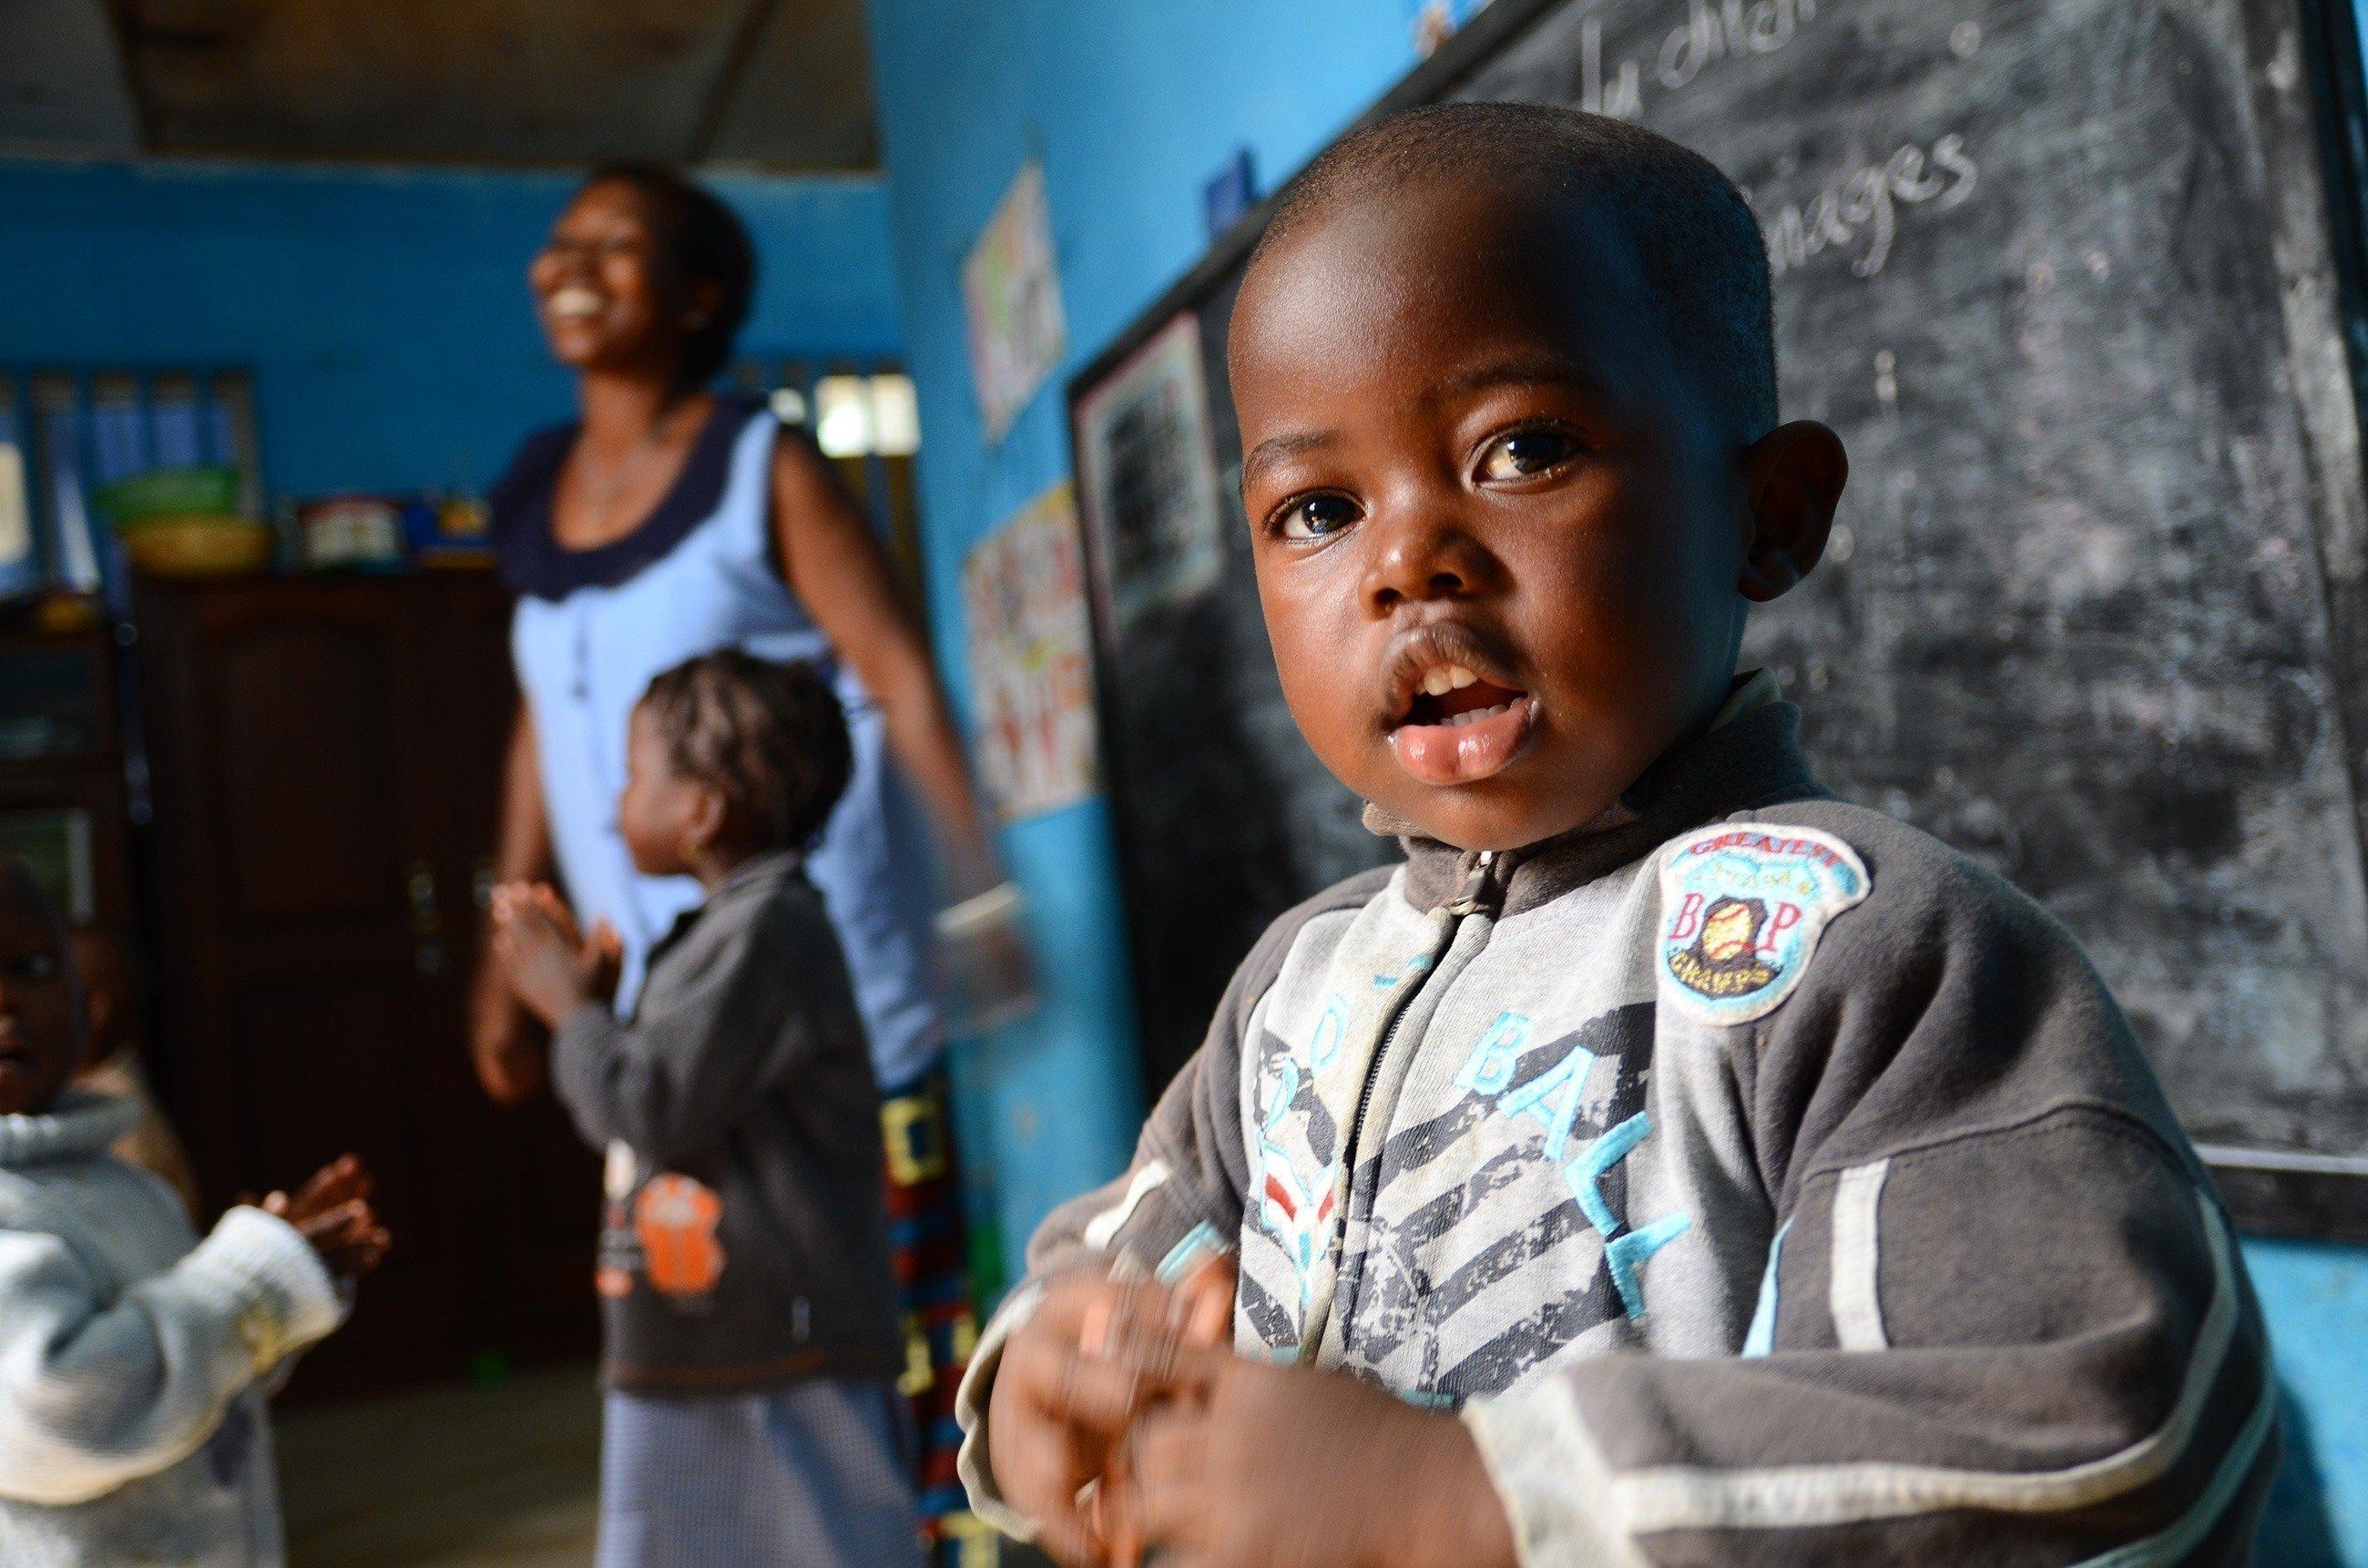 Un petit garçon souriant à l'école.